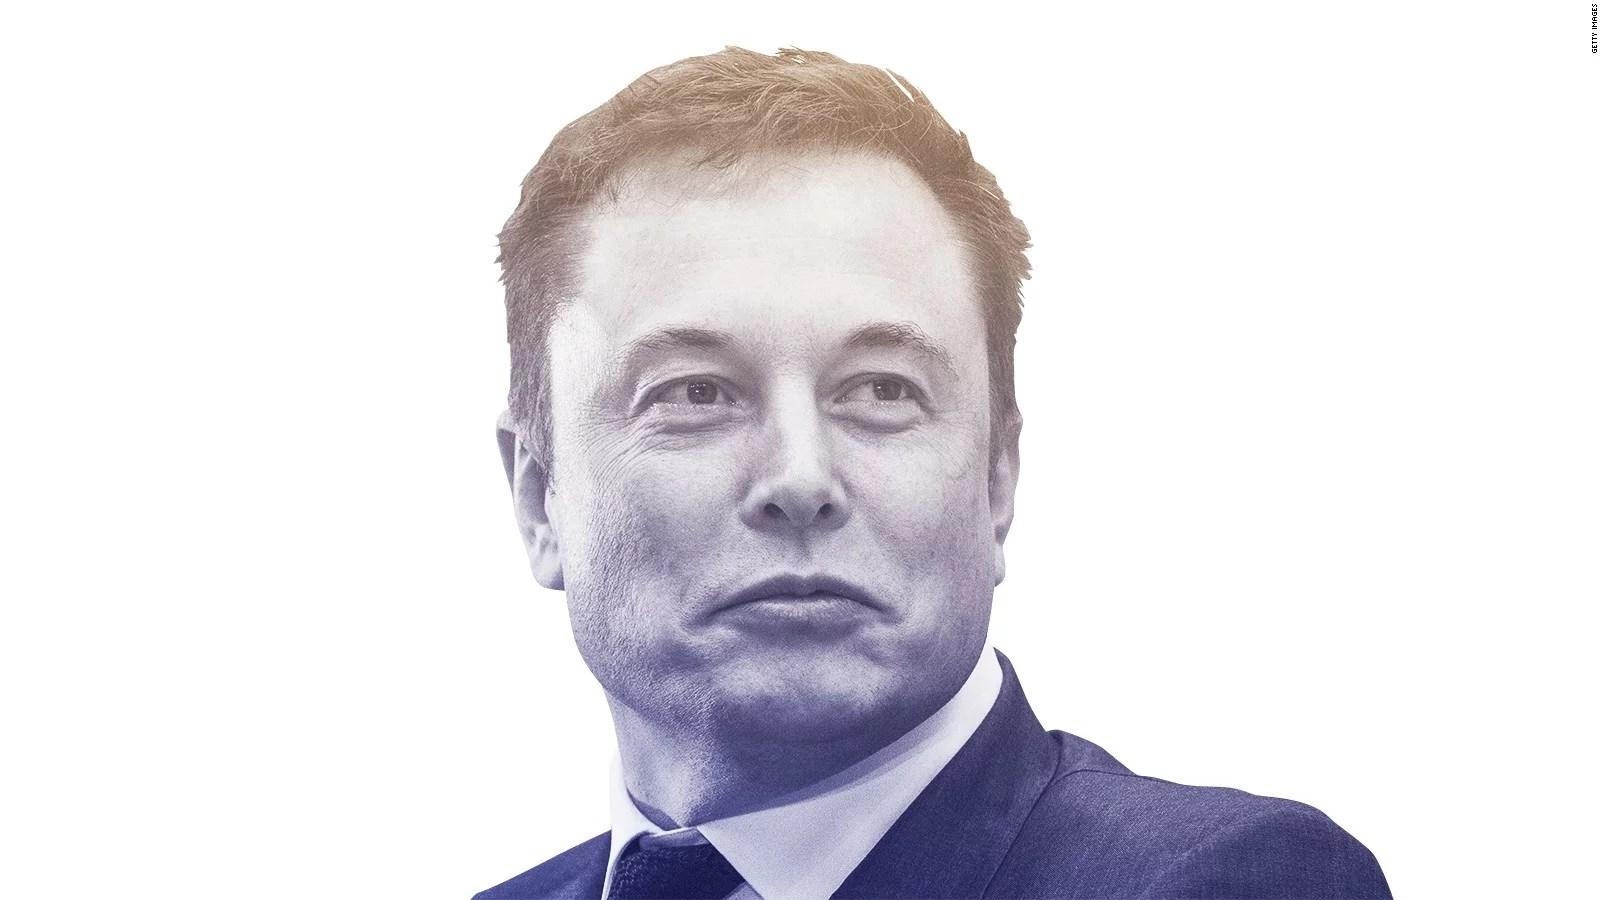 El tweet de Elon Musk y su relación con las criptomonedas